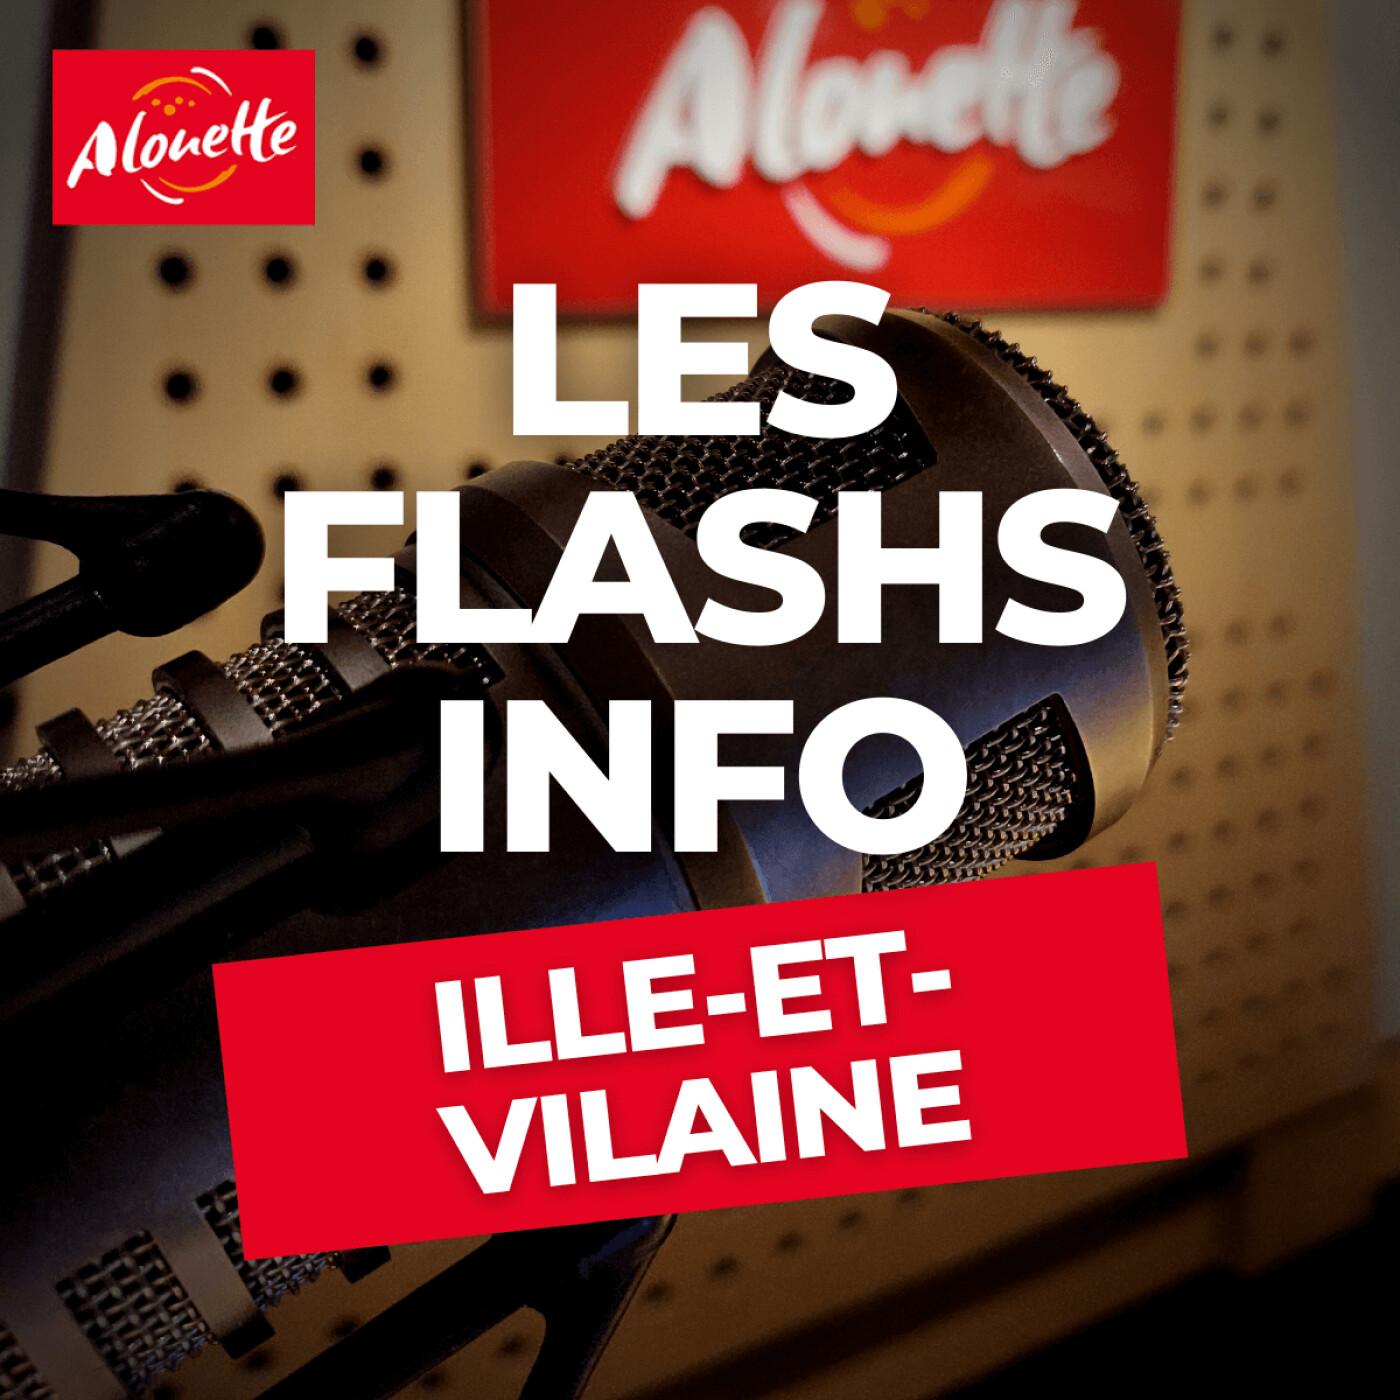 Alouette - Les Infos du 23 Septembre 06h30 en Ille-et-Vilaine.